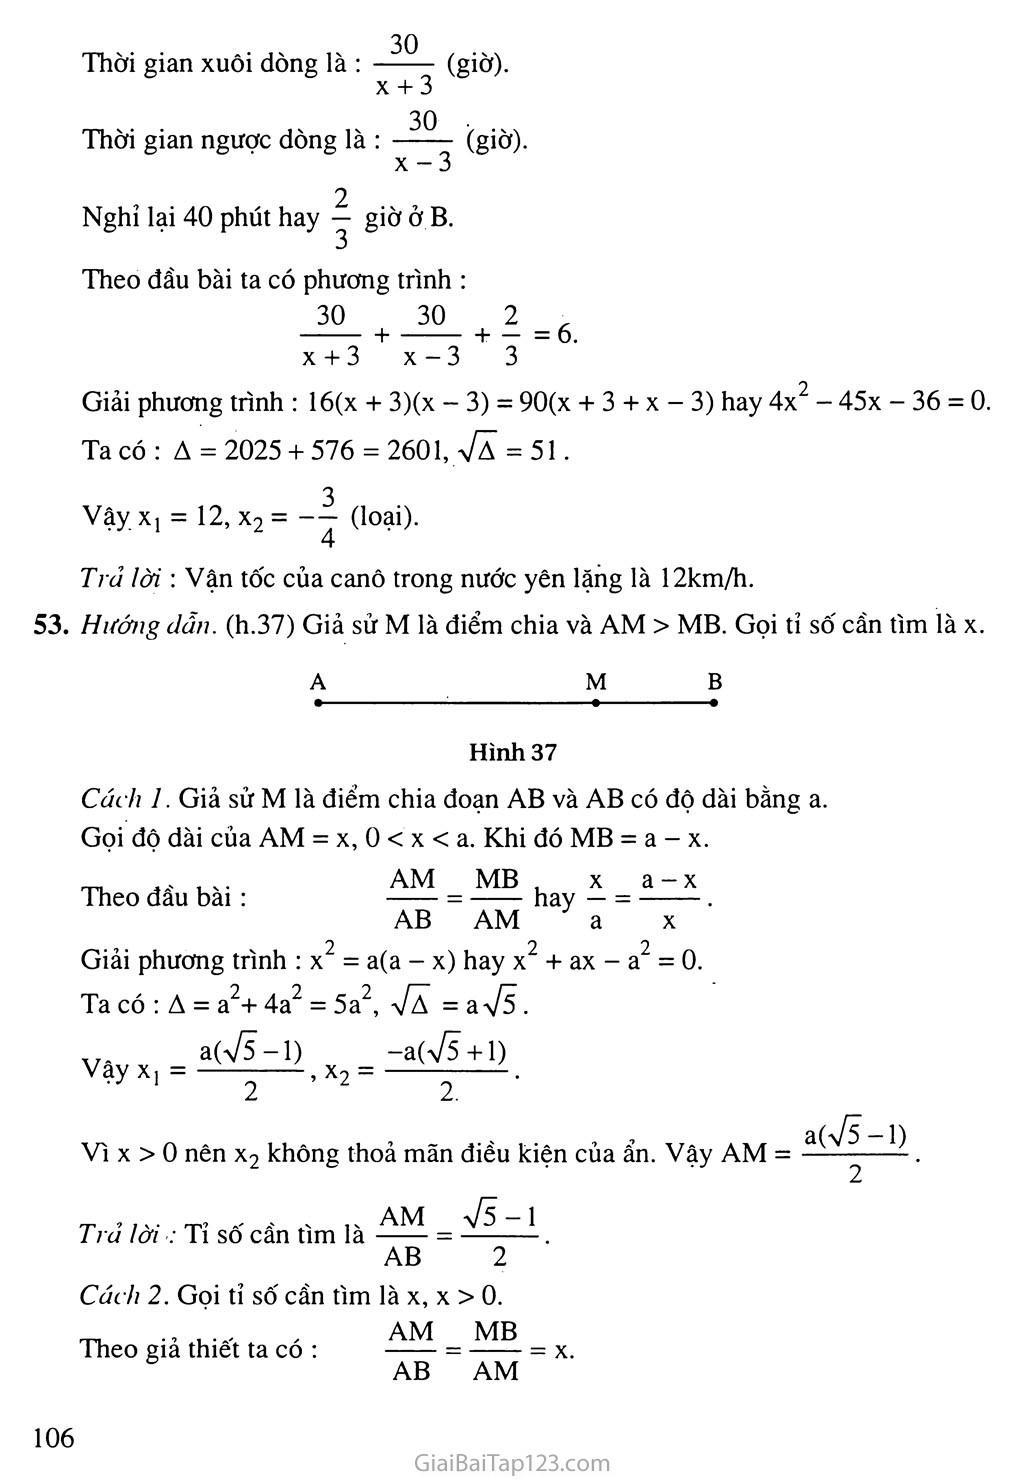 Bài 8. Giải bài toán bằng cách lập phương trình trang 8